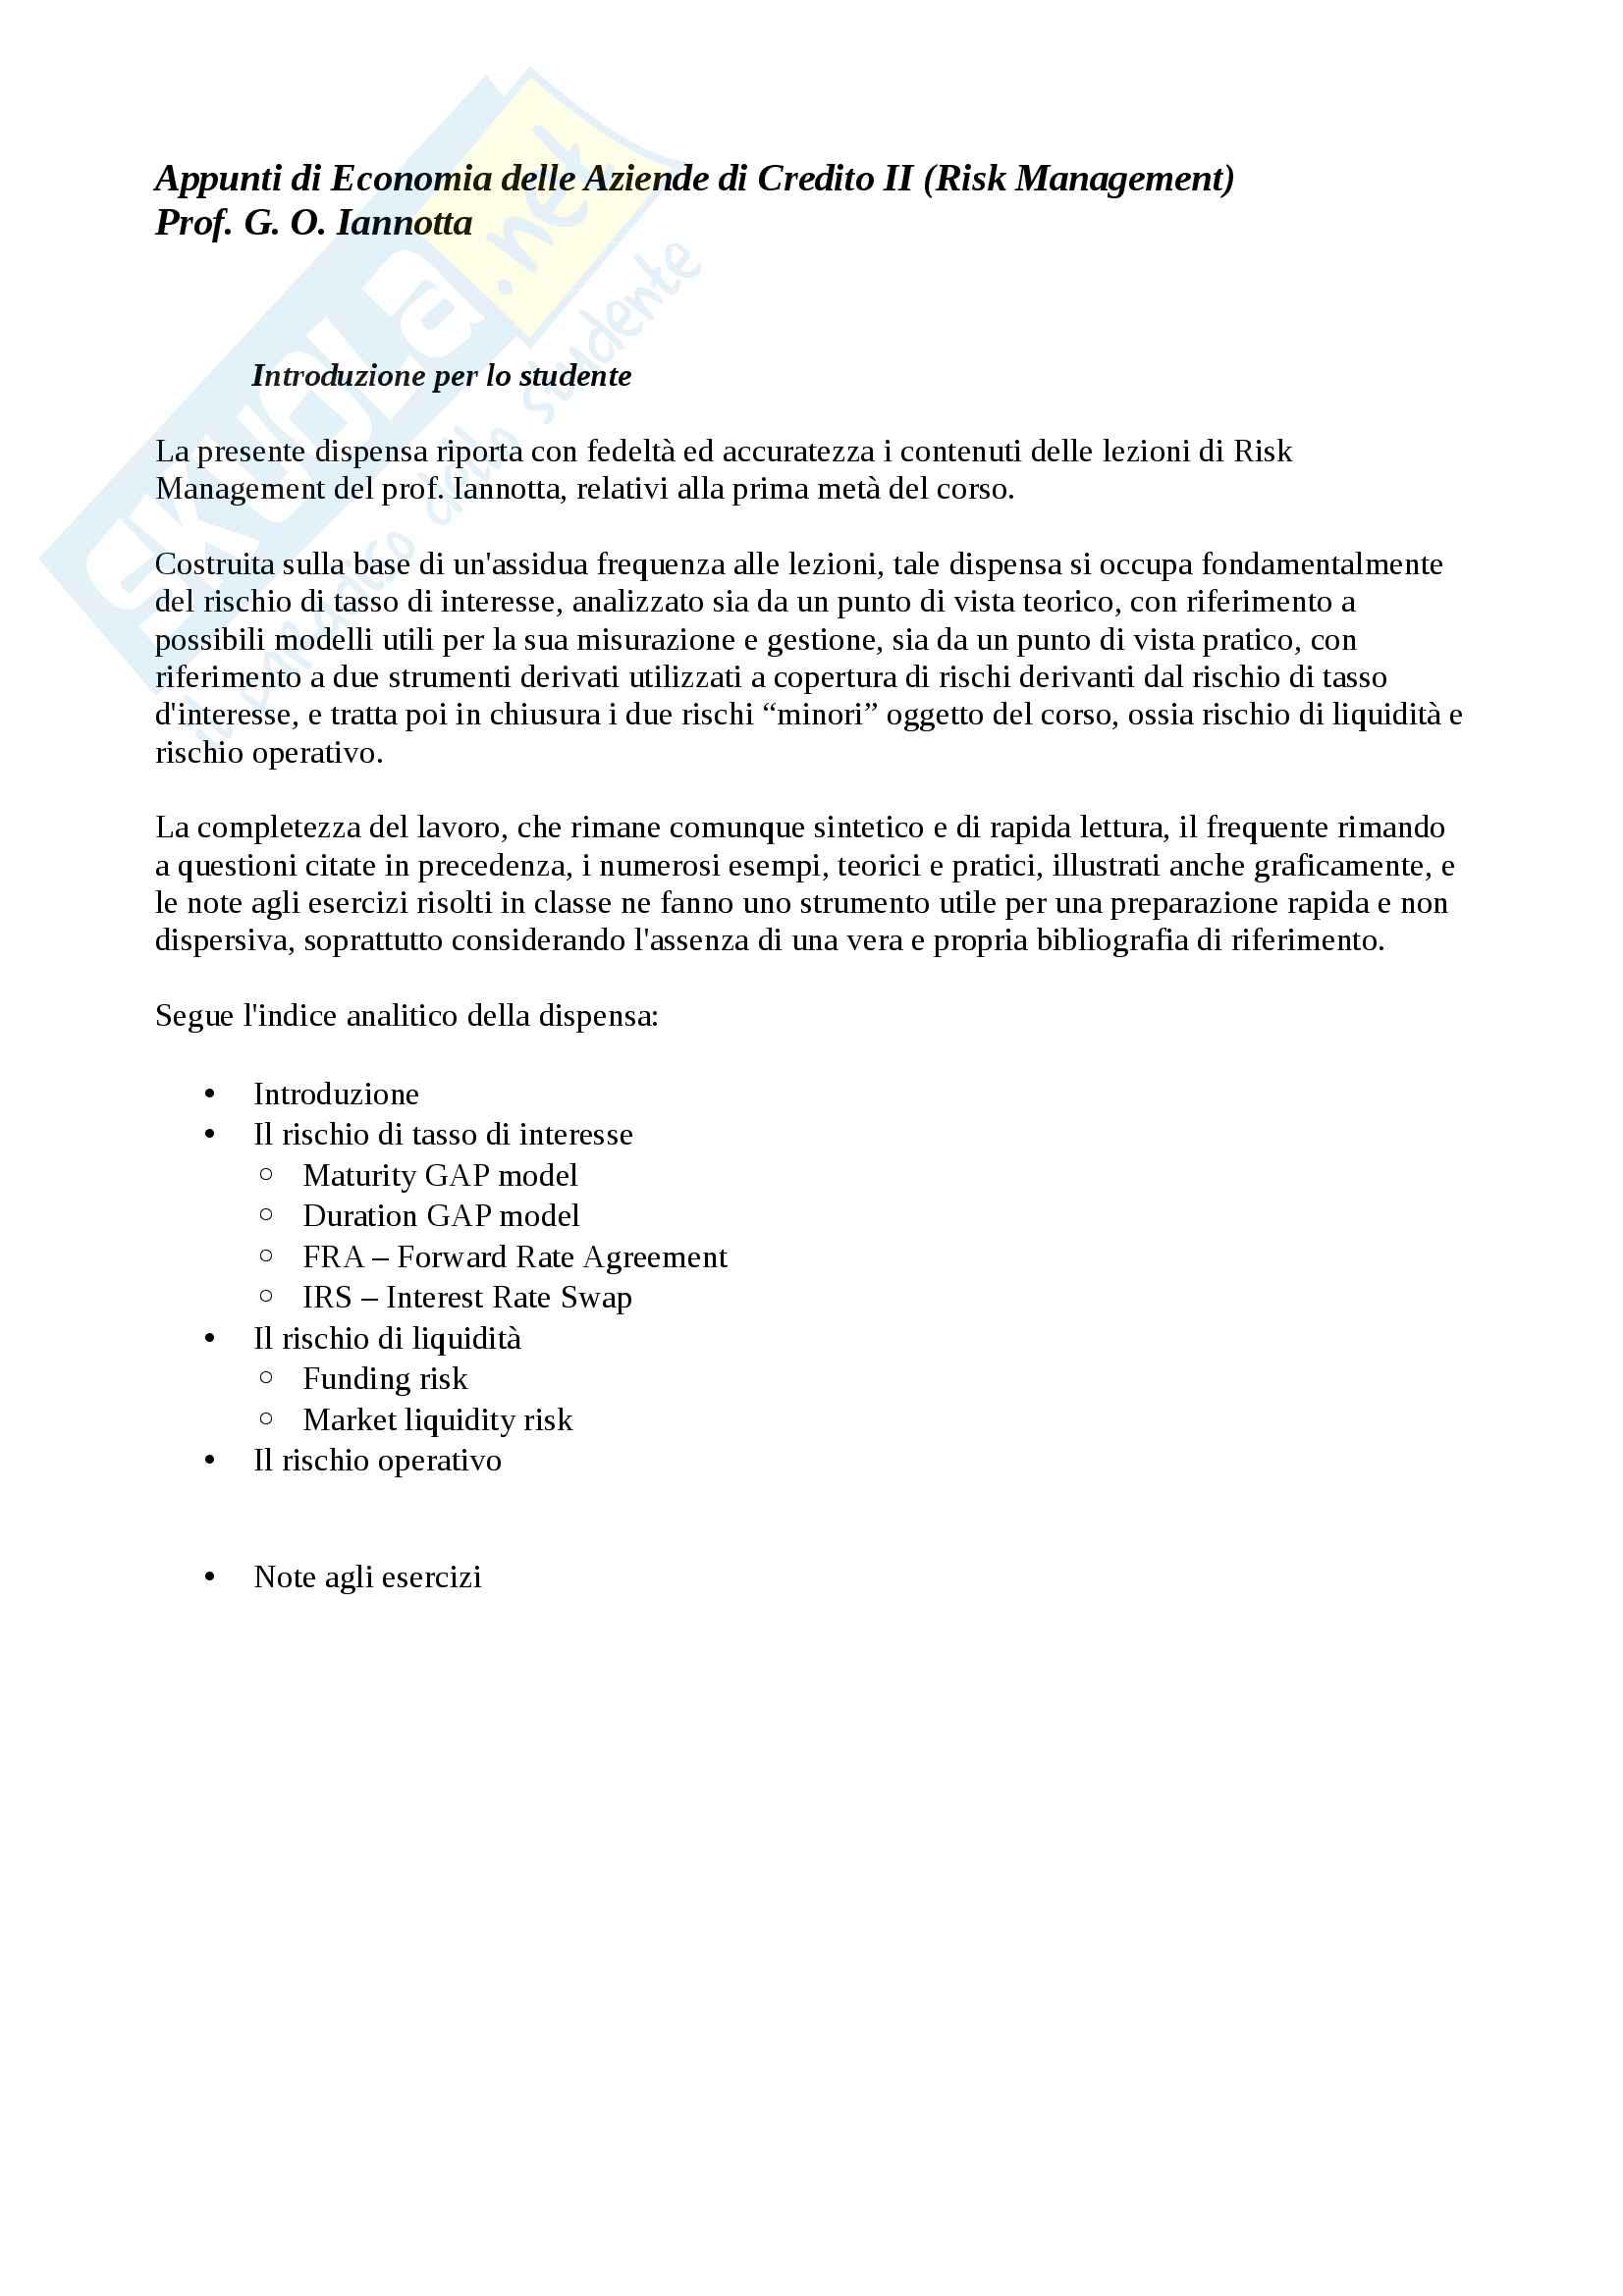 Lezioni, Risk Management (Primo parziale)